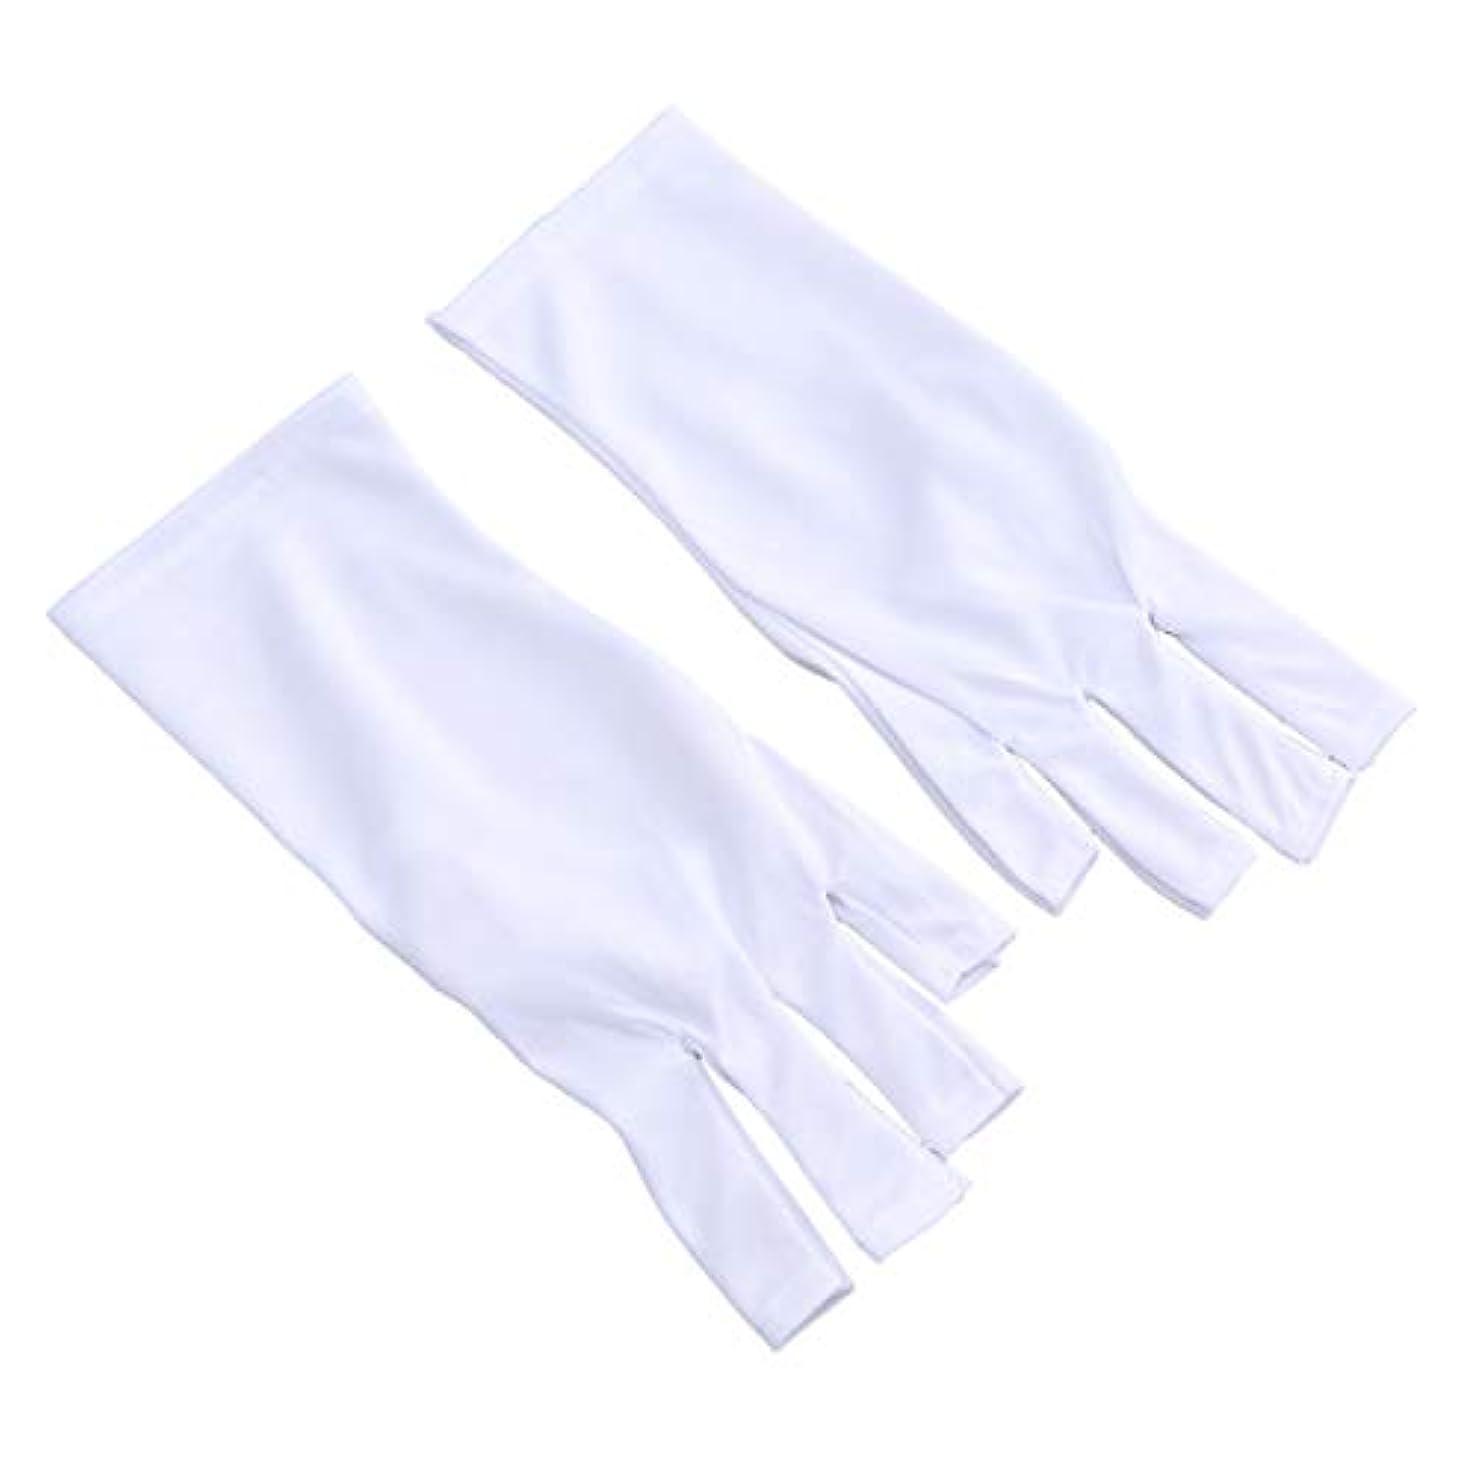 集めるインスタンスきゅうりHealify 抗uv手袋 手袋 ネイルアー 放射線防護 マニキュアドライヤーツール 1ペア (25 CMショートホワイトUVグローブ)